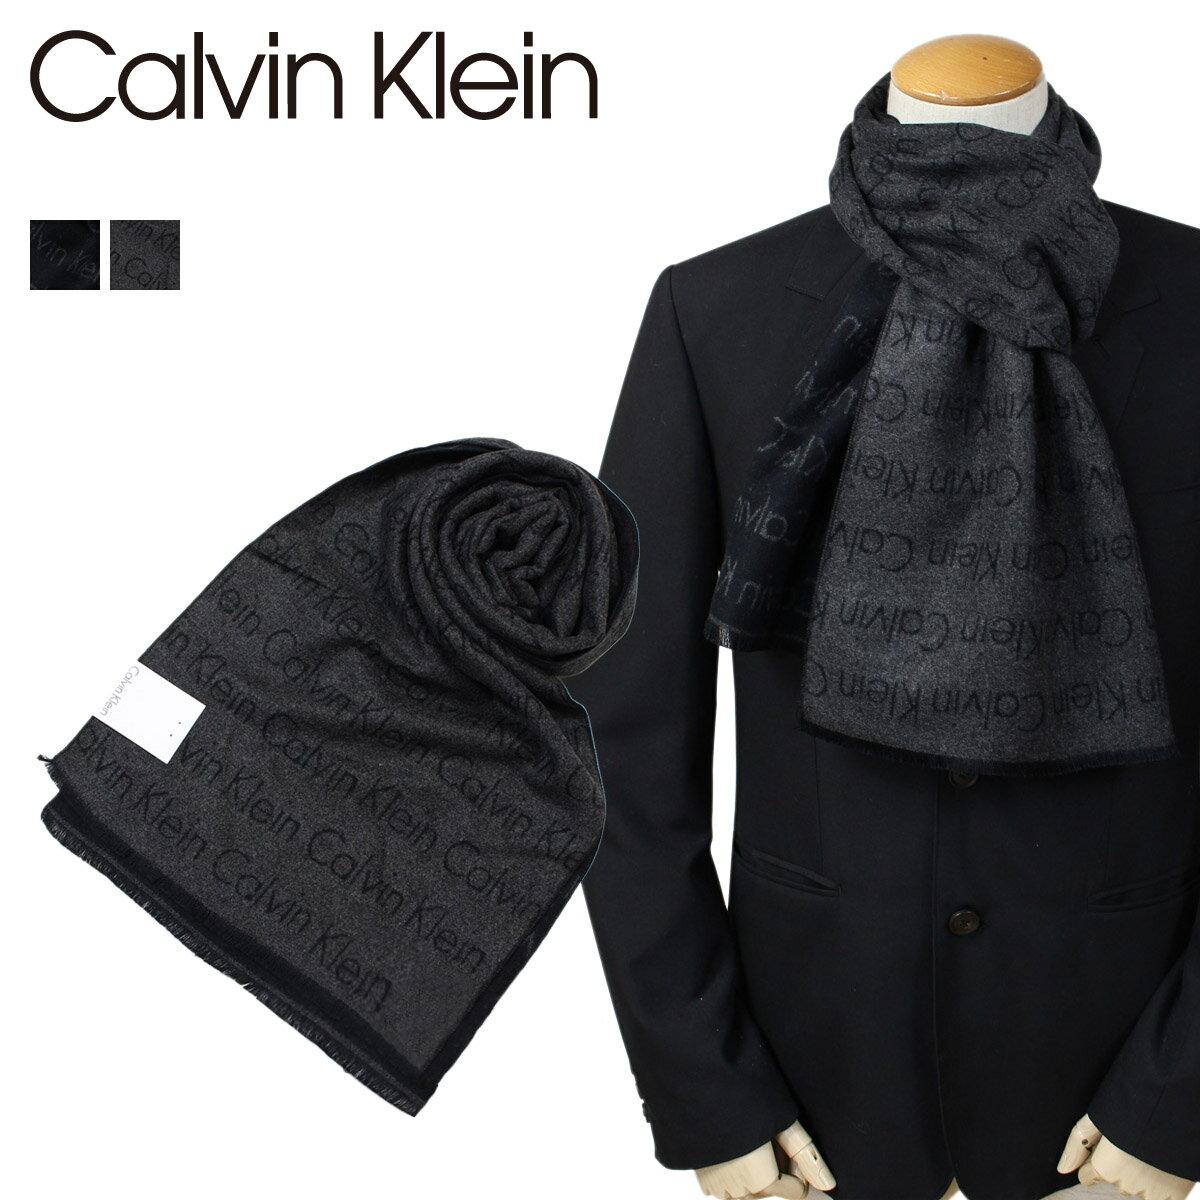 カルバンクライン マフラー メンズ Calvin Klein CK ビジネス カジュアル HKC73660 [12/12 追加入荷]